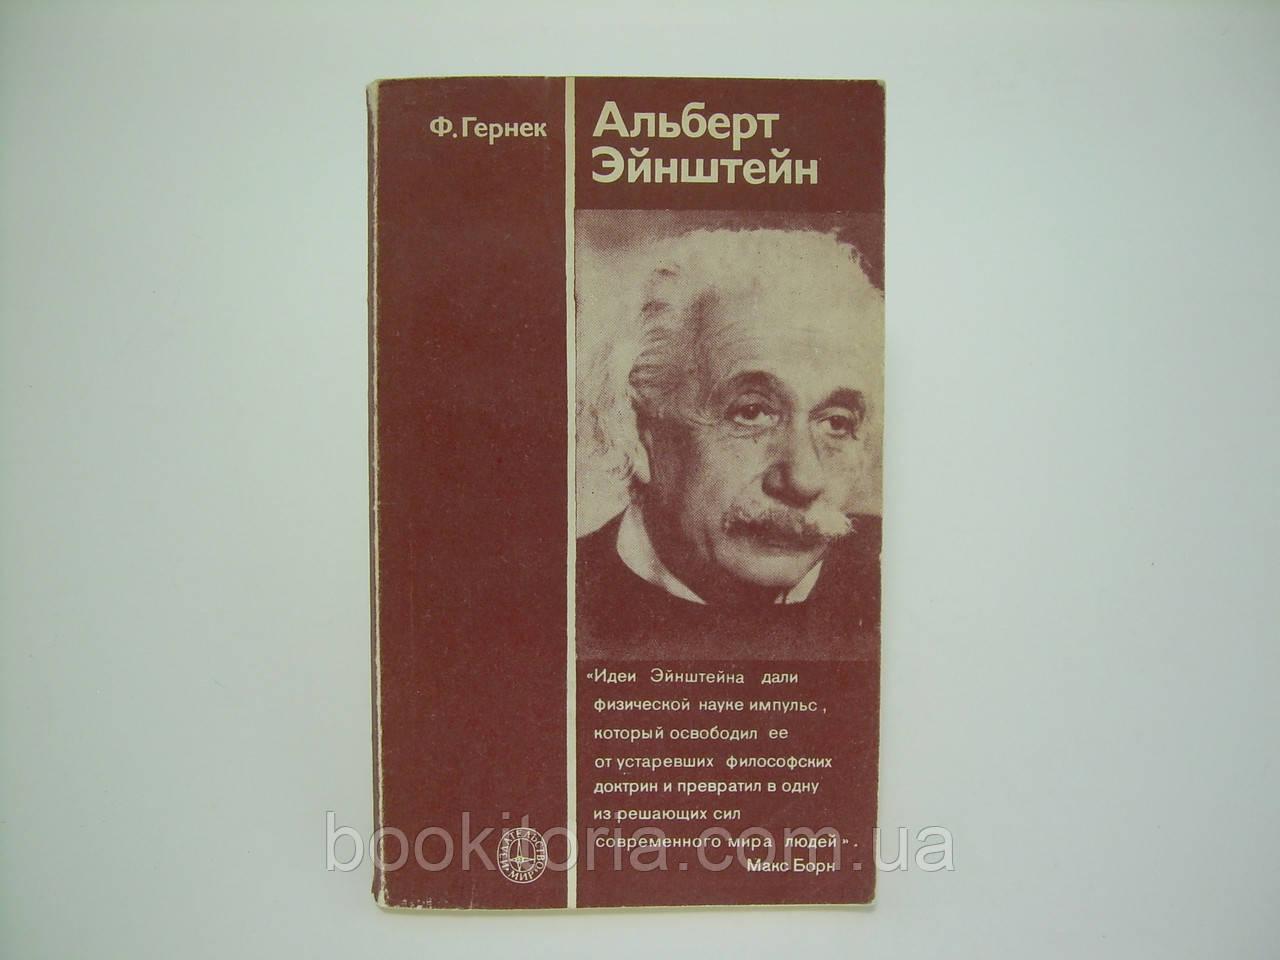 Гернек Ф. Альберт Эйнштейн (б/у).